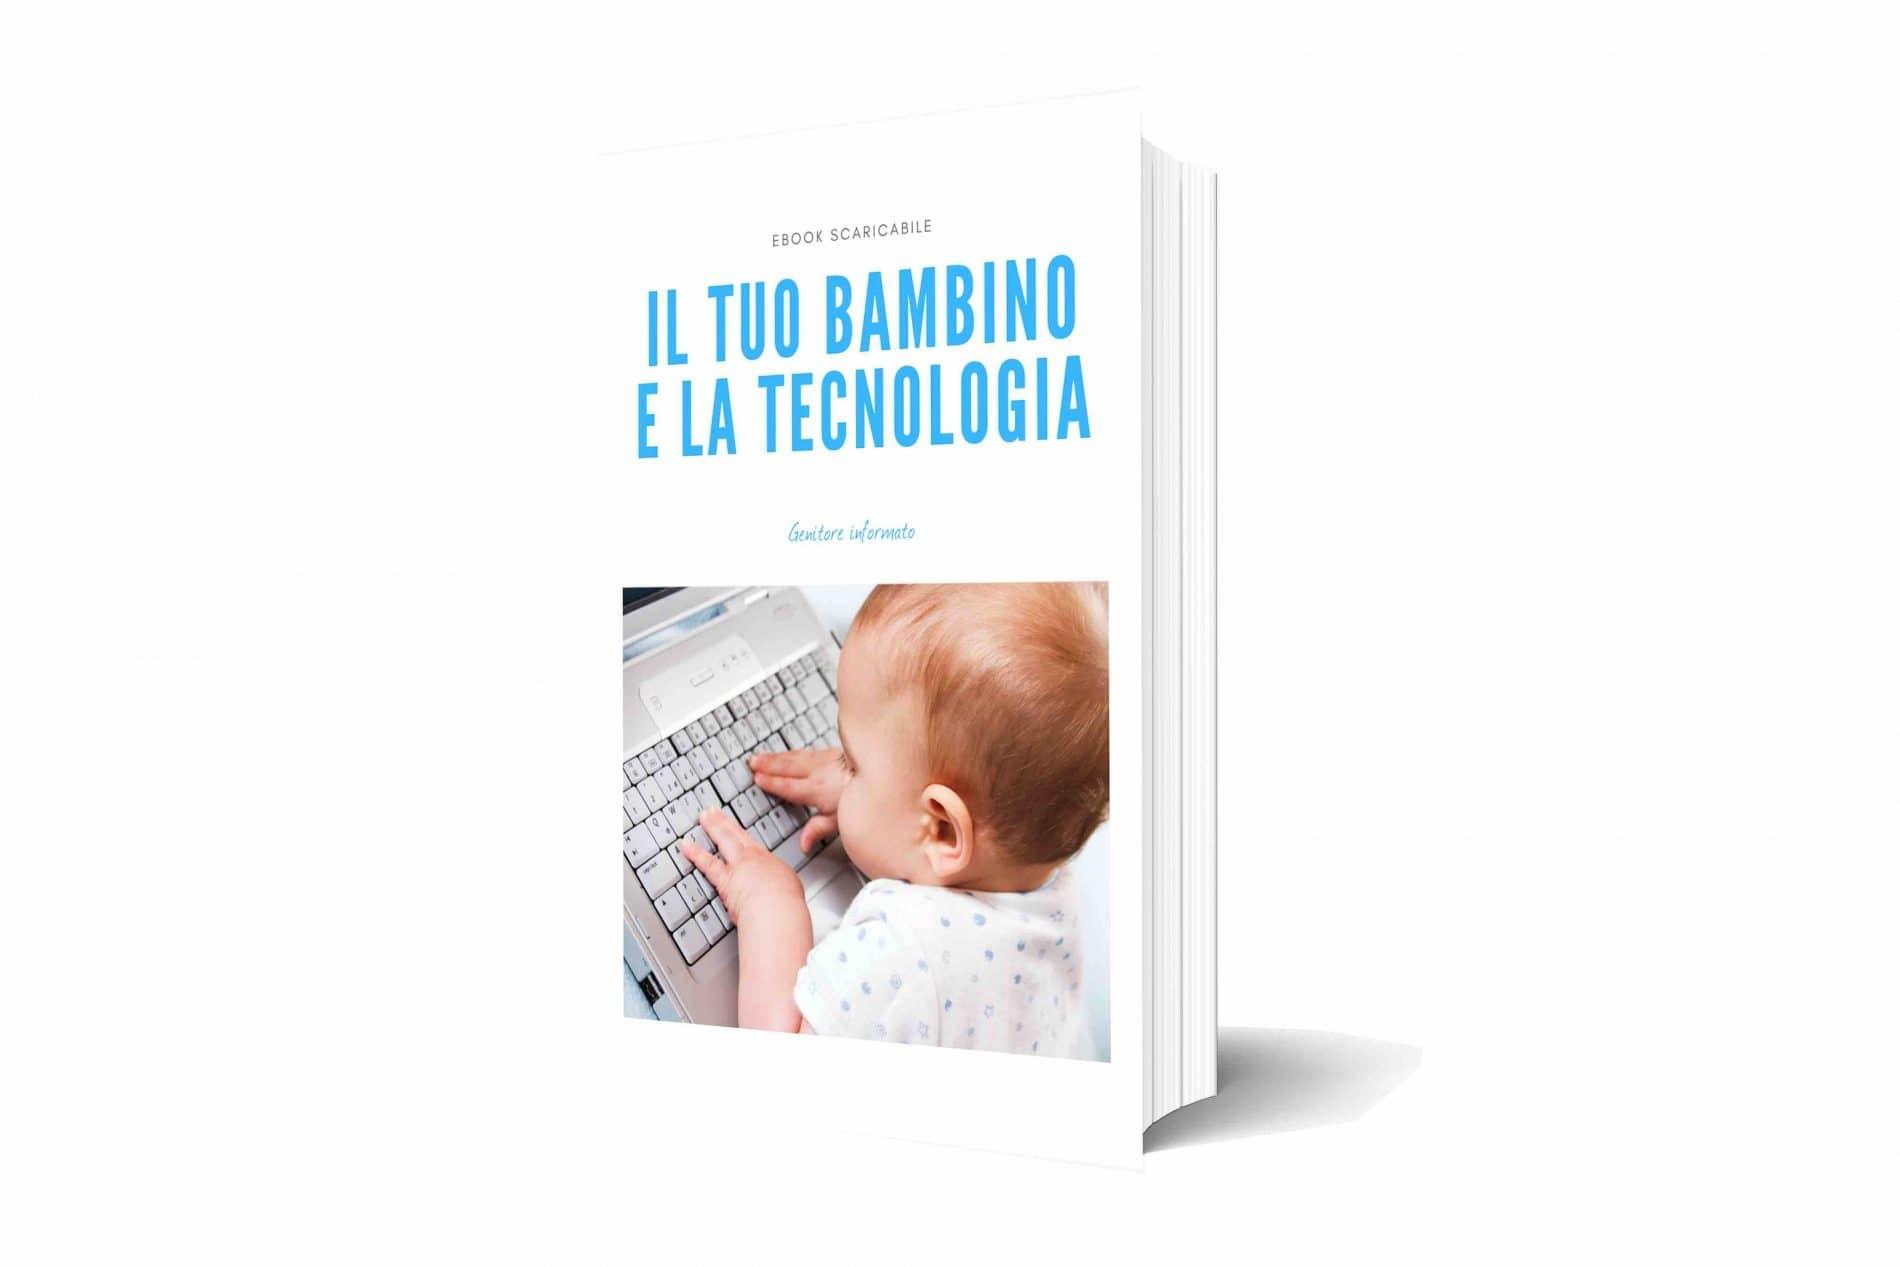 Il tuo bambino e la tecnologia ebook scaricabile